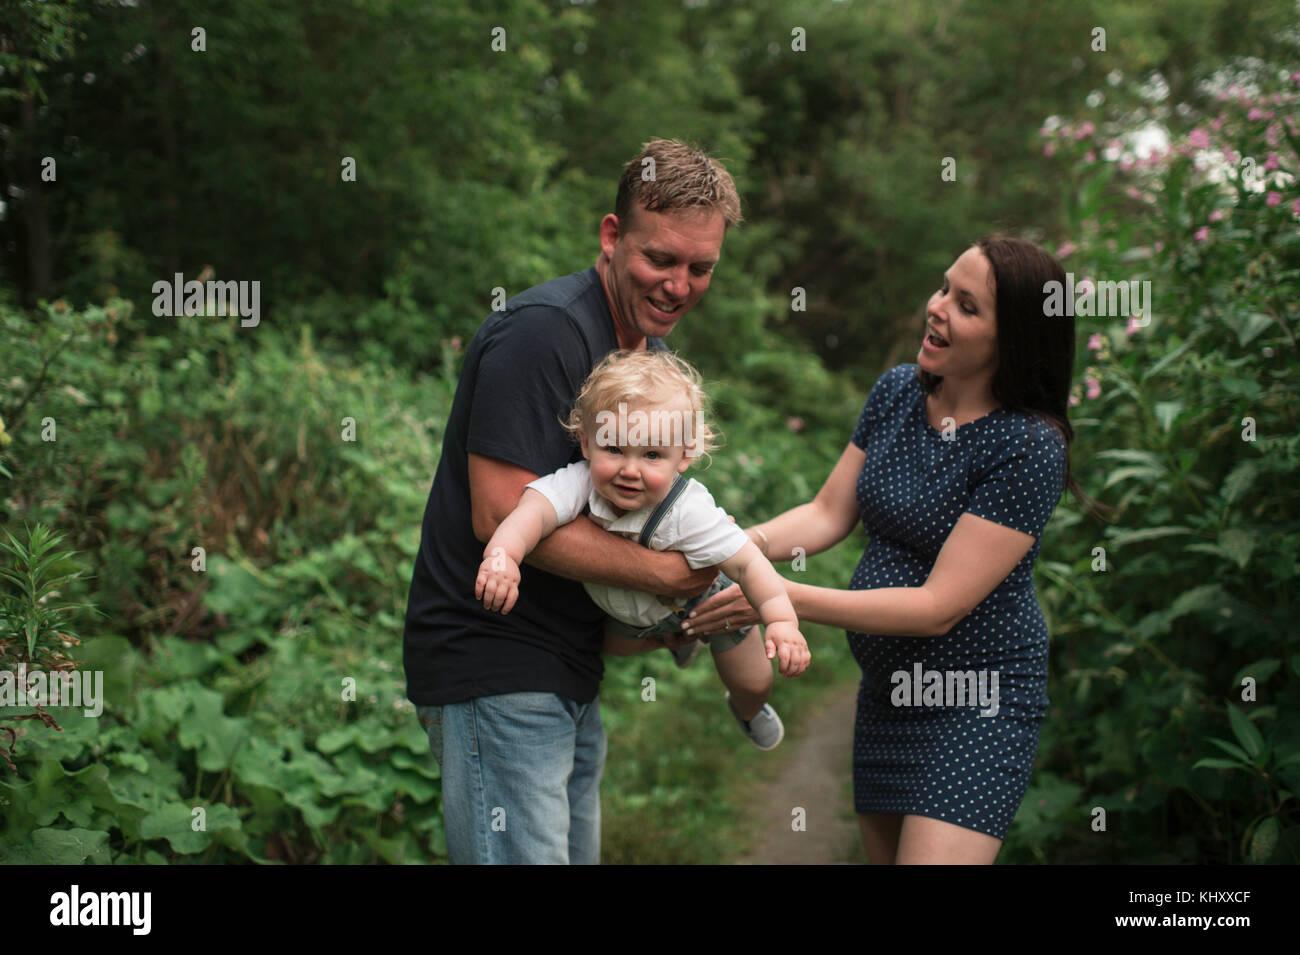 Casal grávida balançando toddler filho no caminho Imagens de Stock